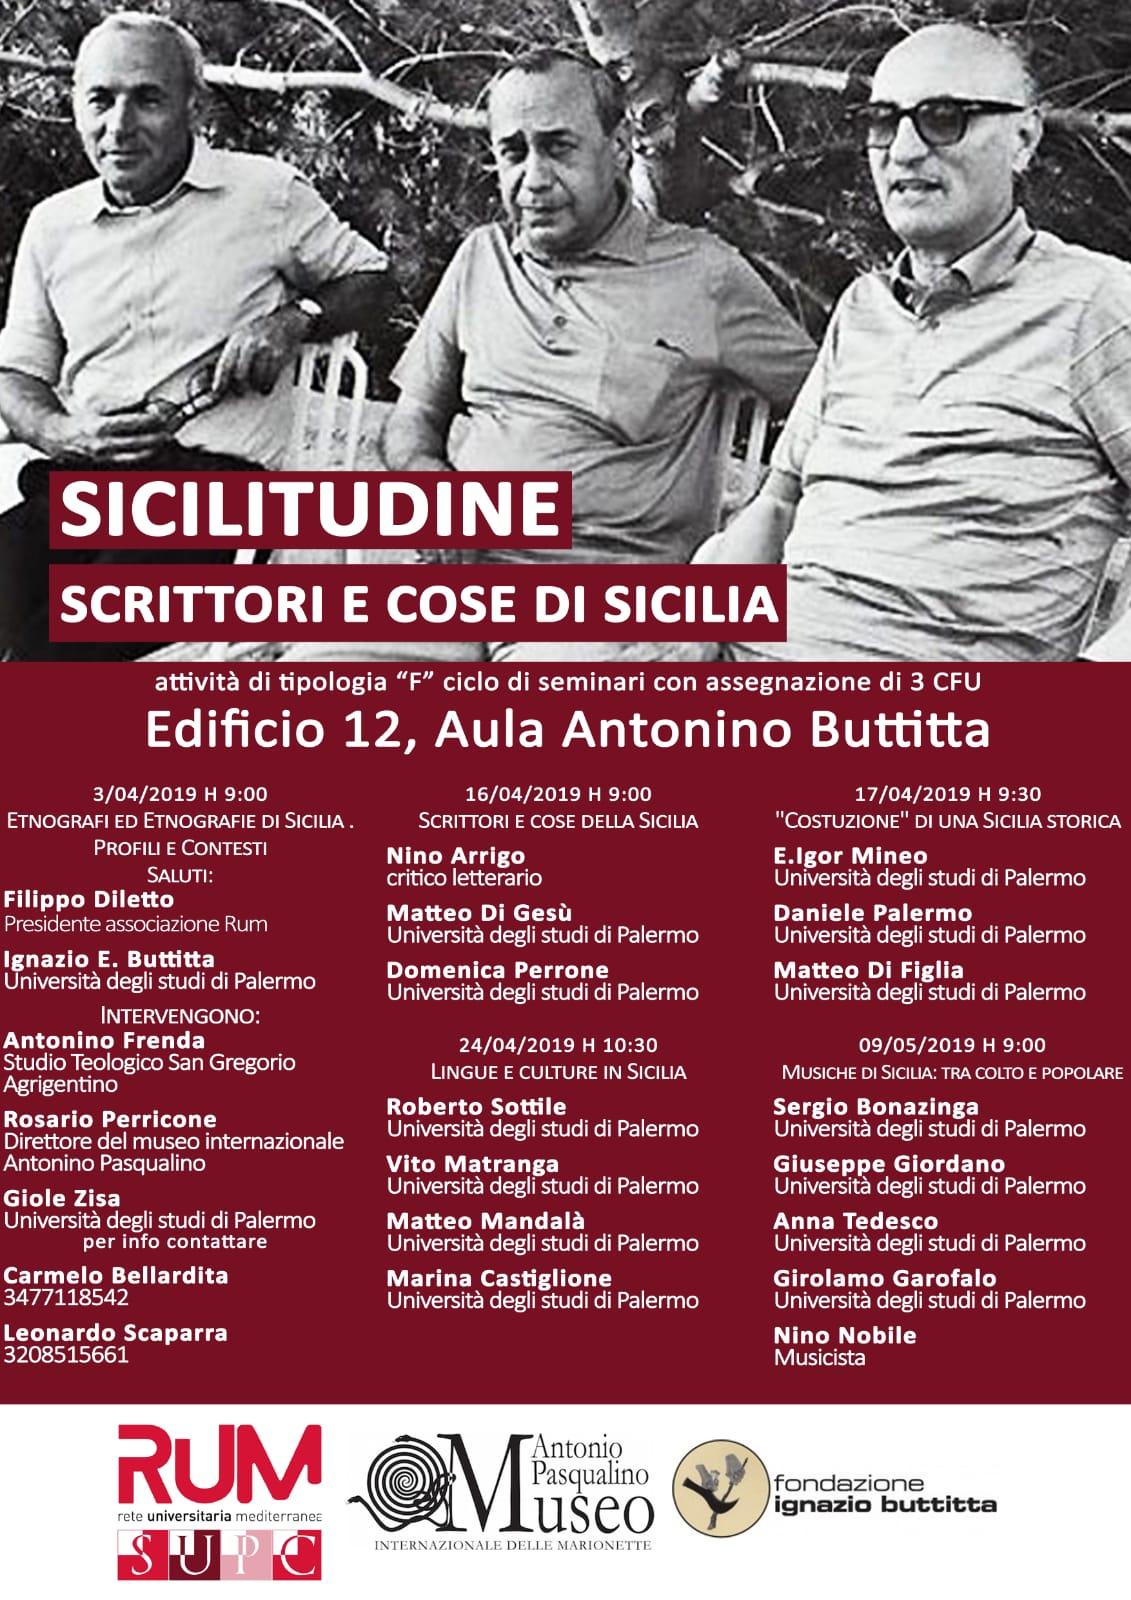 2019_sicilitudine.jpg - 287.46 kB